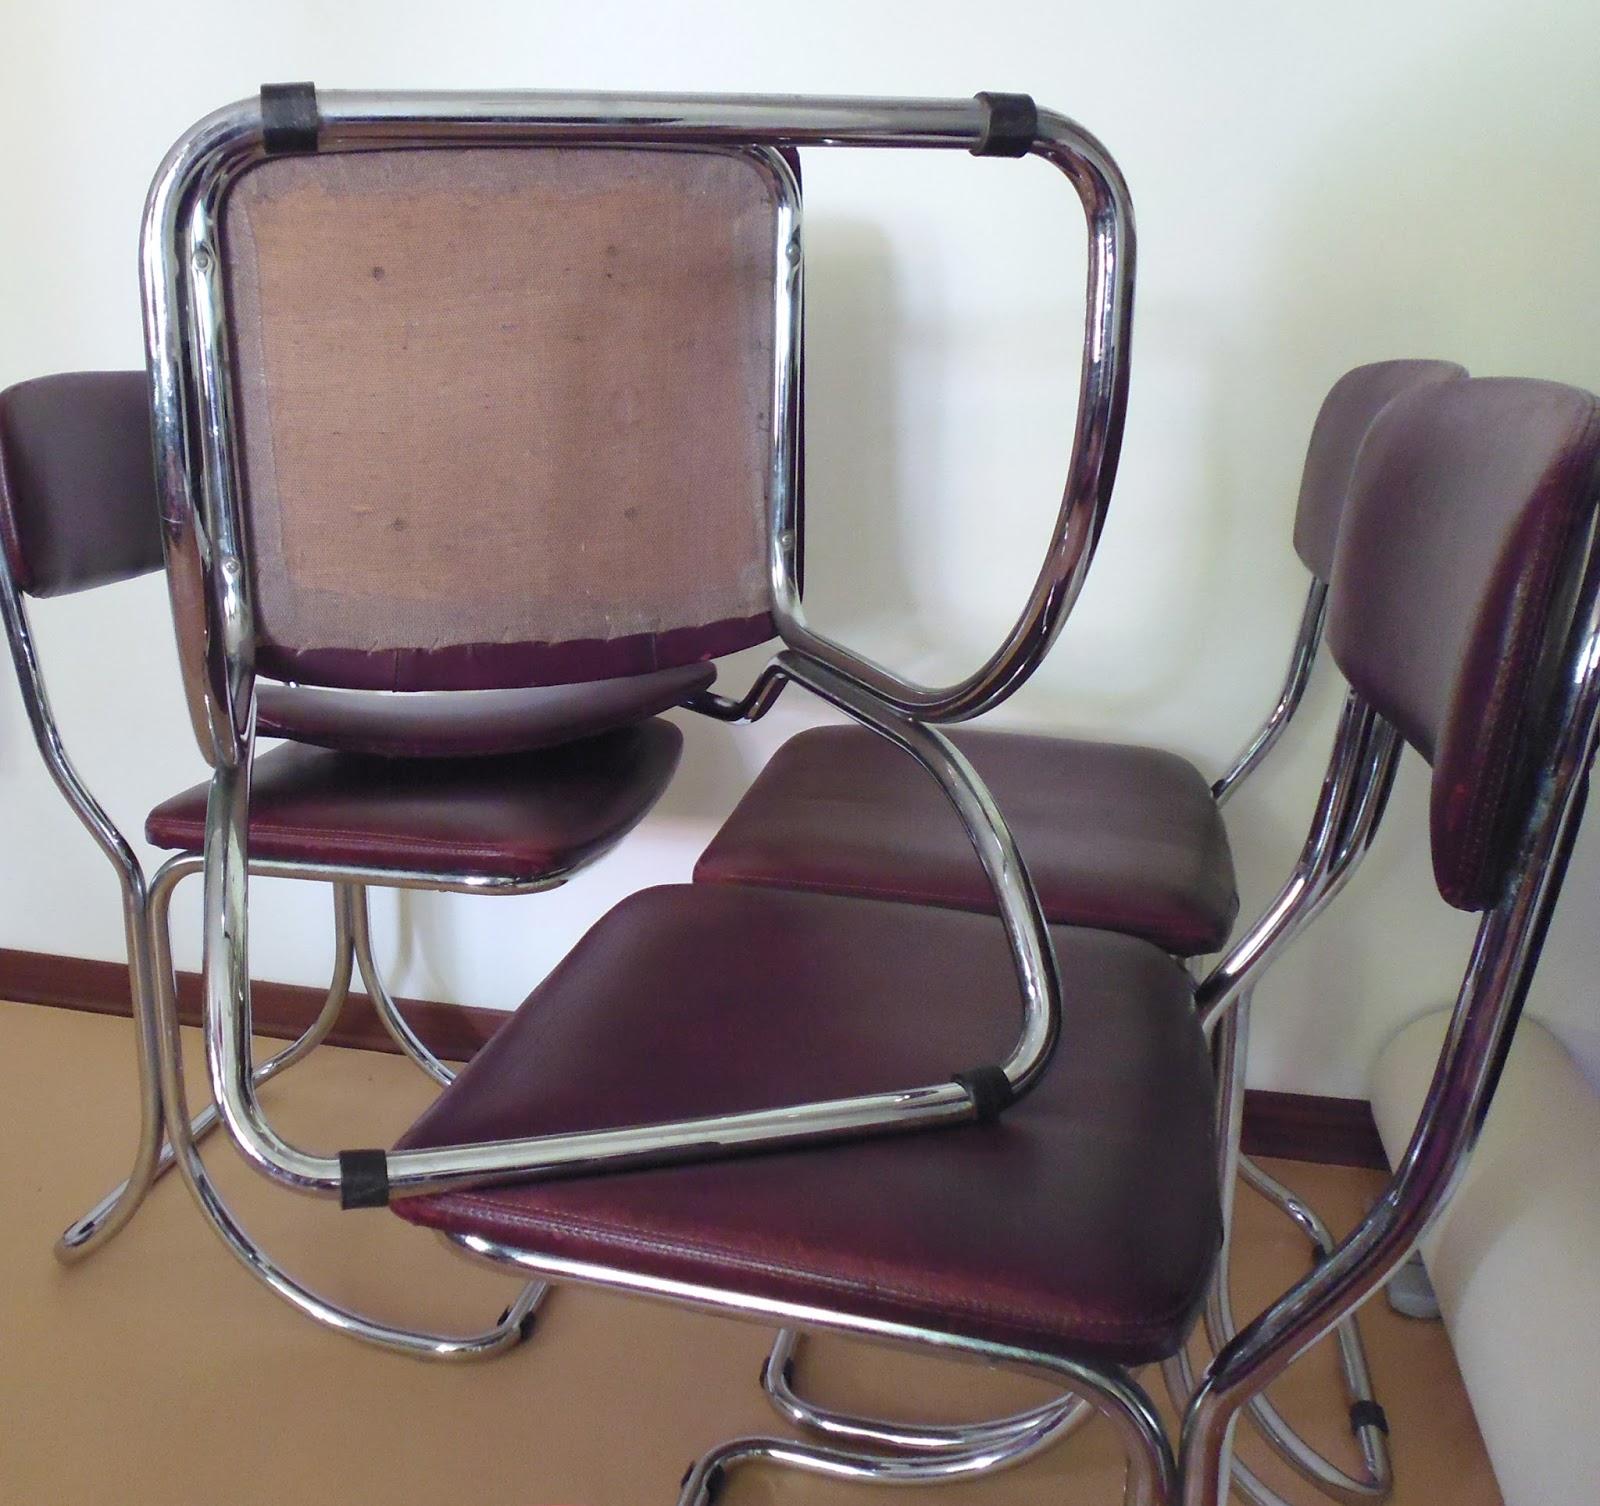 Rimodern straordinarie sedie in pelle e cromo vintage for Sedie design italiano